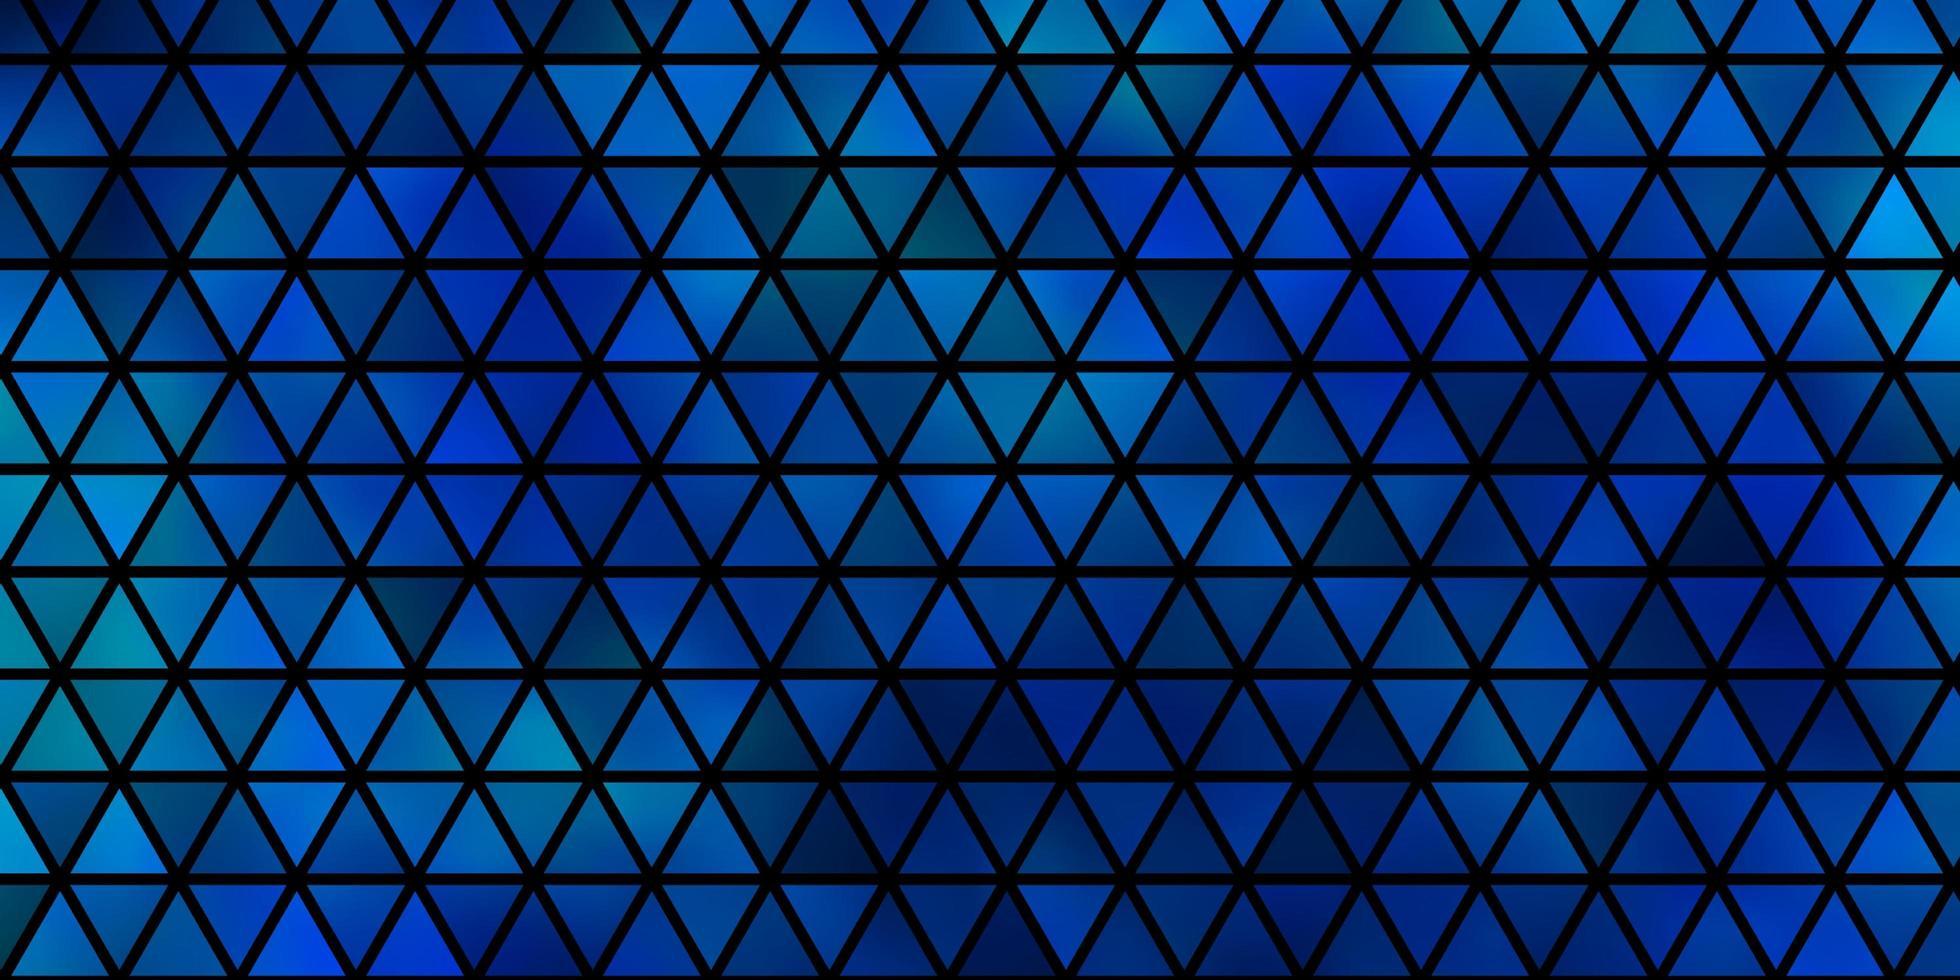 plantilla de vector azul oscuro con cristales, triángulos.